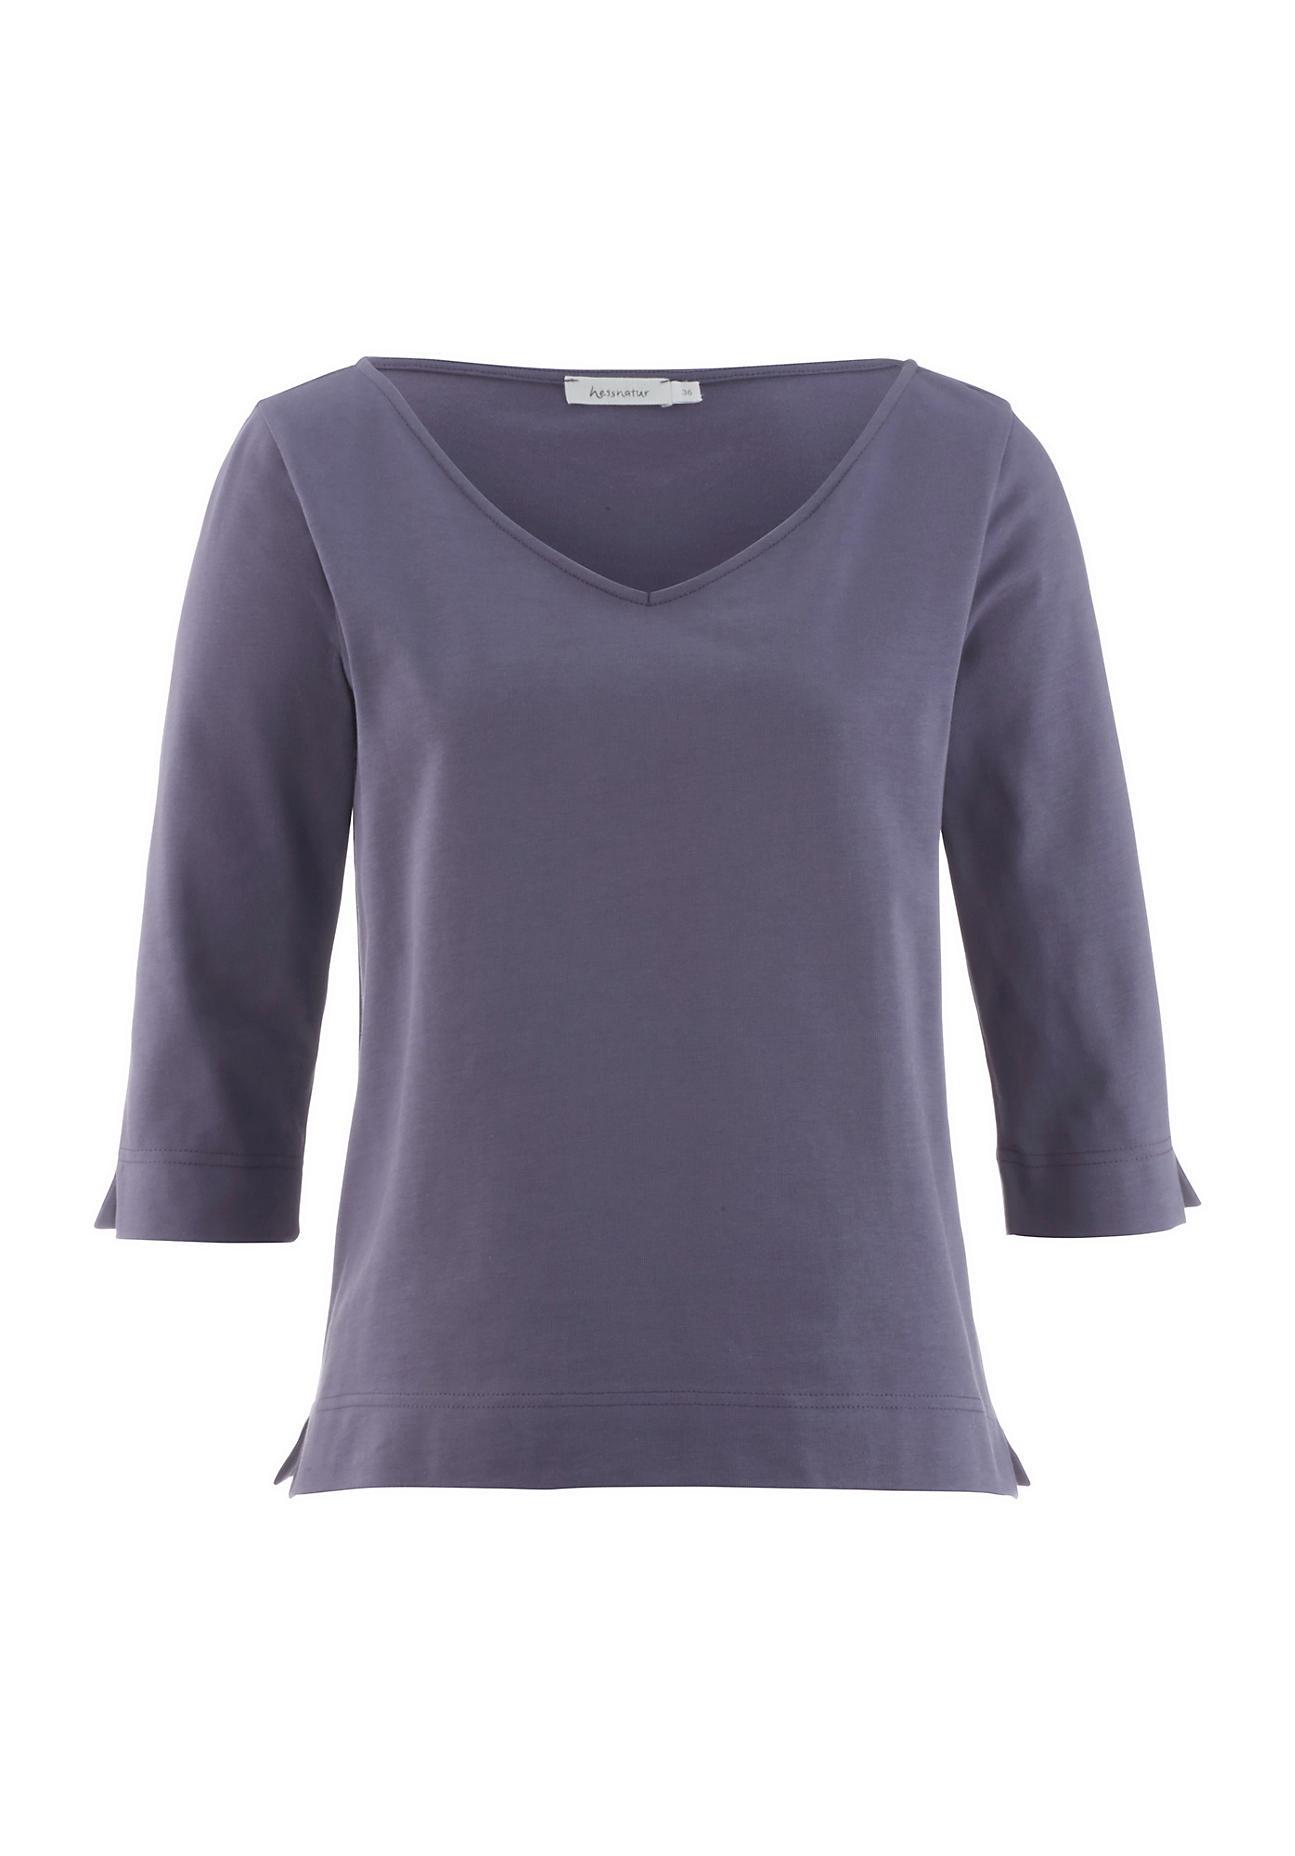 33e7260eec8d29 hessnatur Damen Shirt aus Bio-Baumwolle – lila – Größe 34